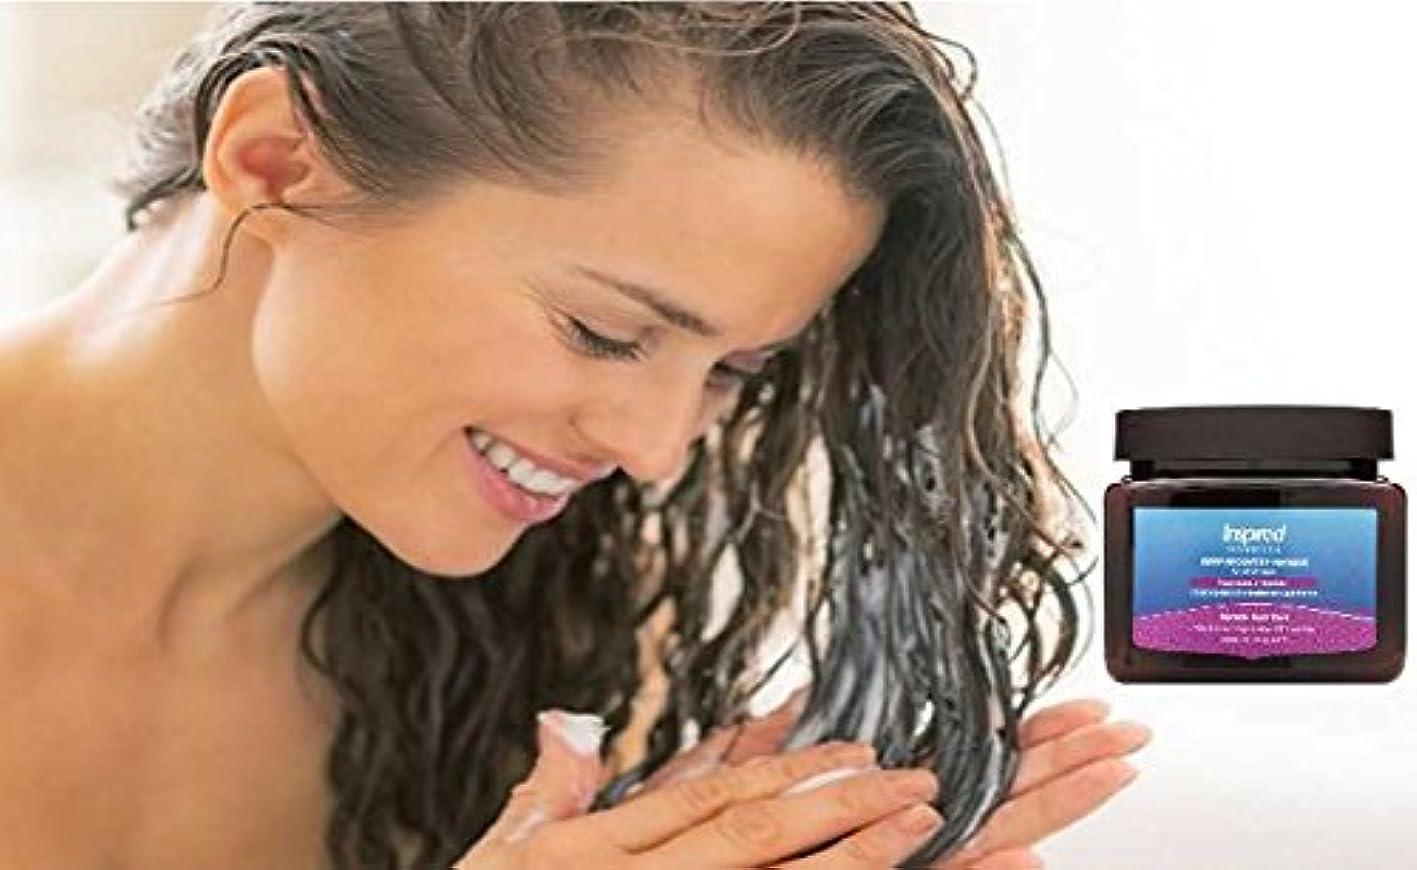 コミットメント栄養成功Inspired by Dead Sea Professional Keratin Deep Recovery Mask Argan Oil All Hair Types 死んだ海にインスパイアされたプロフェッショナルケラチンディープリカバリーマスクすべてのヘアタイプ アルガンオイル 500 ml